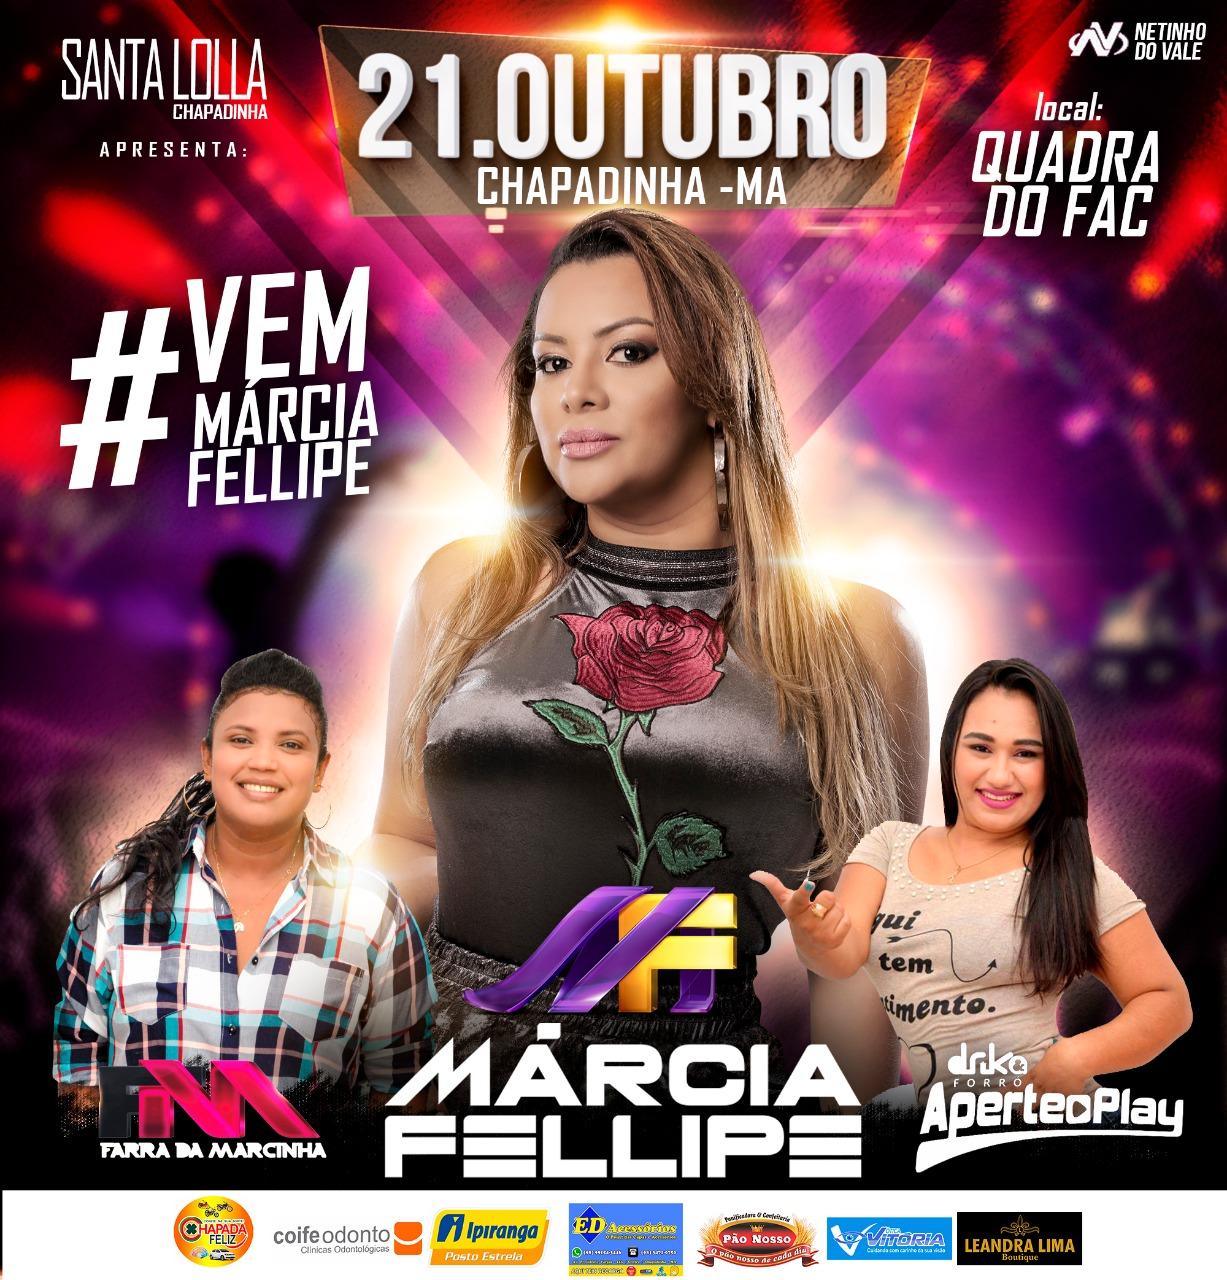 Dia 21 de Outubro - Márcia Felipe